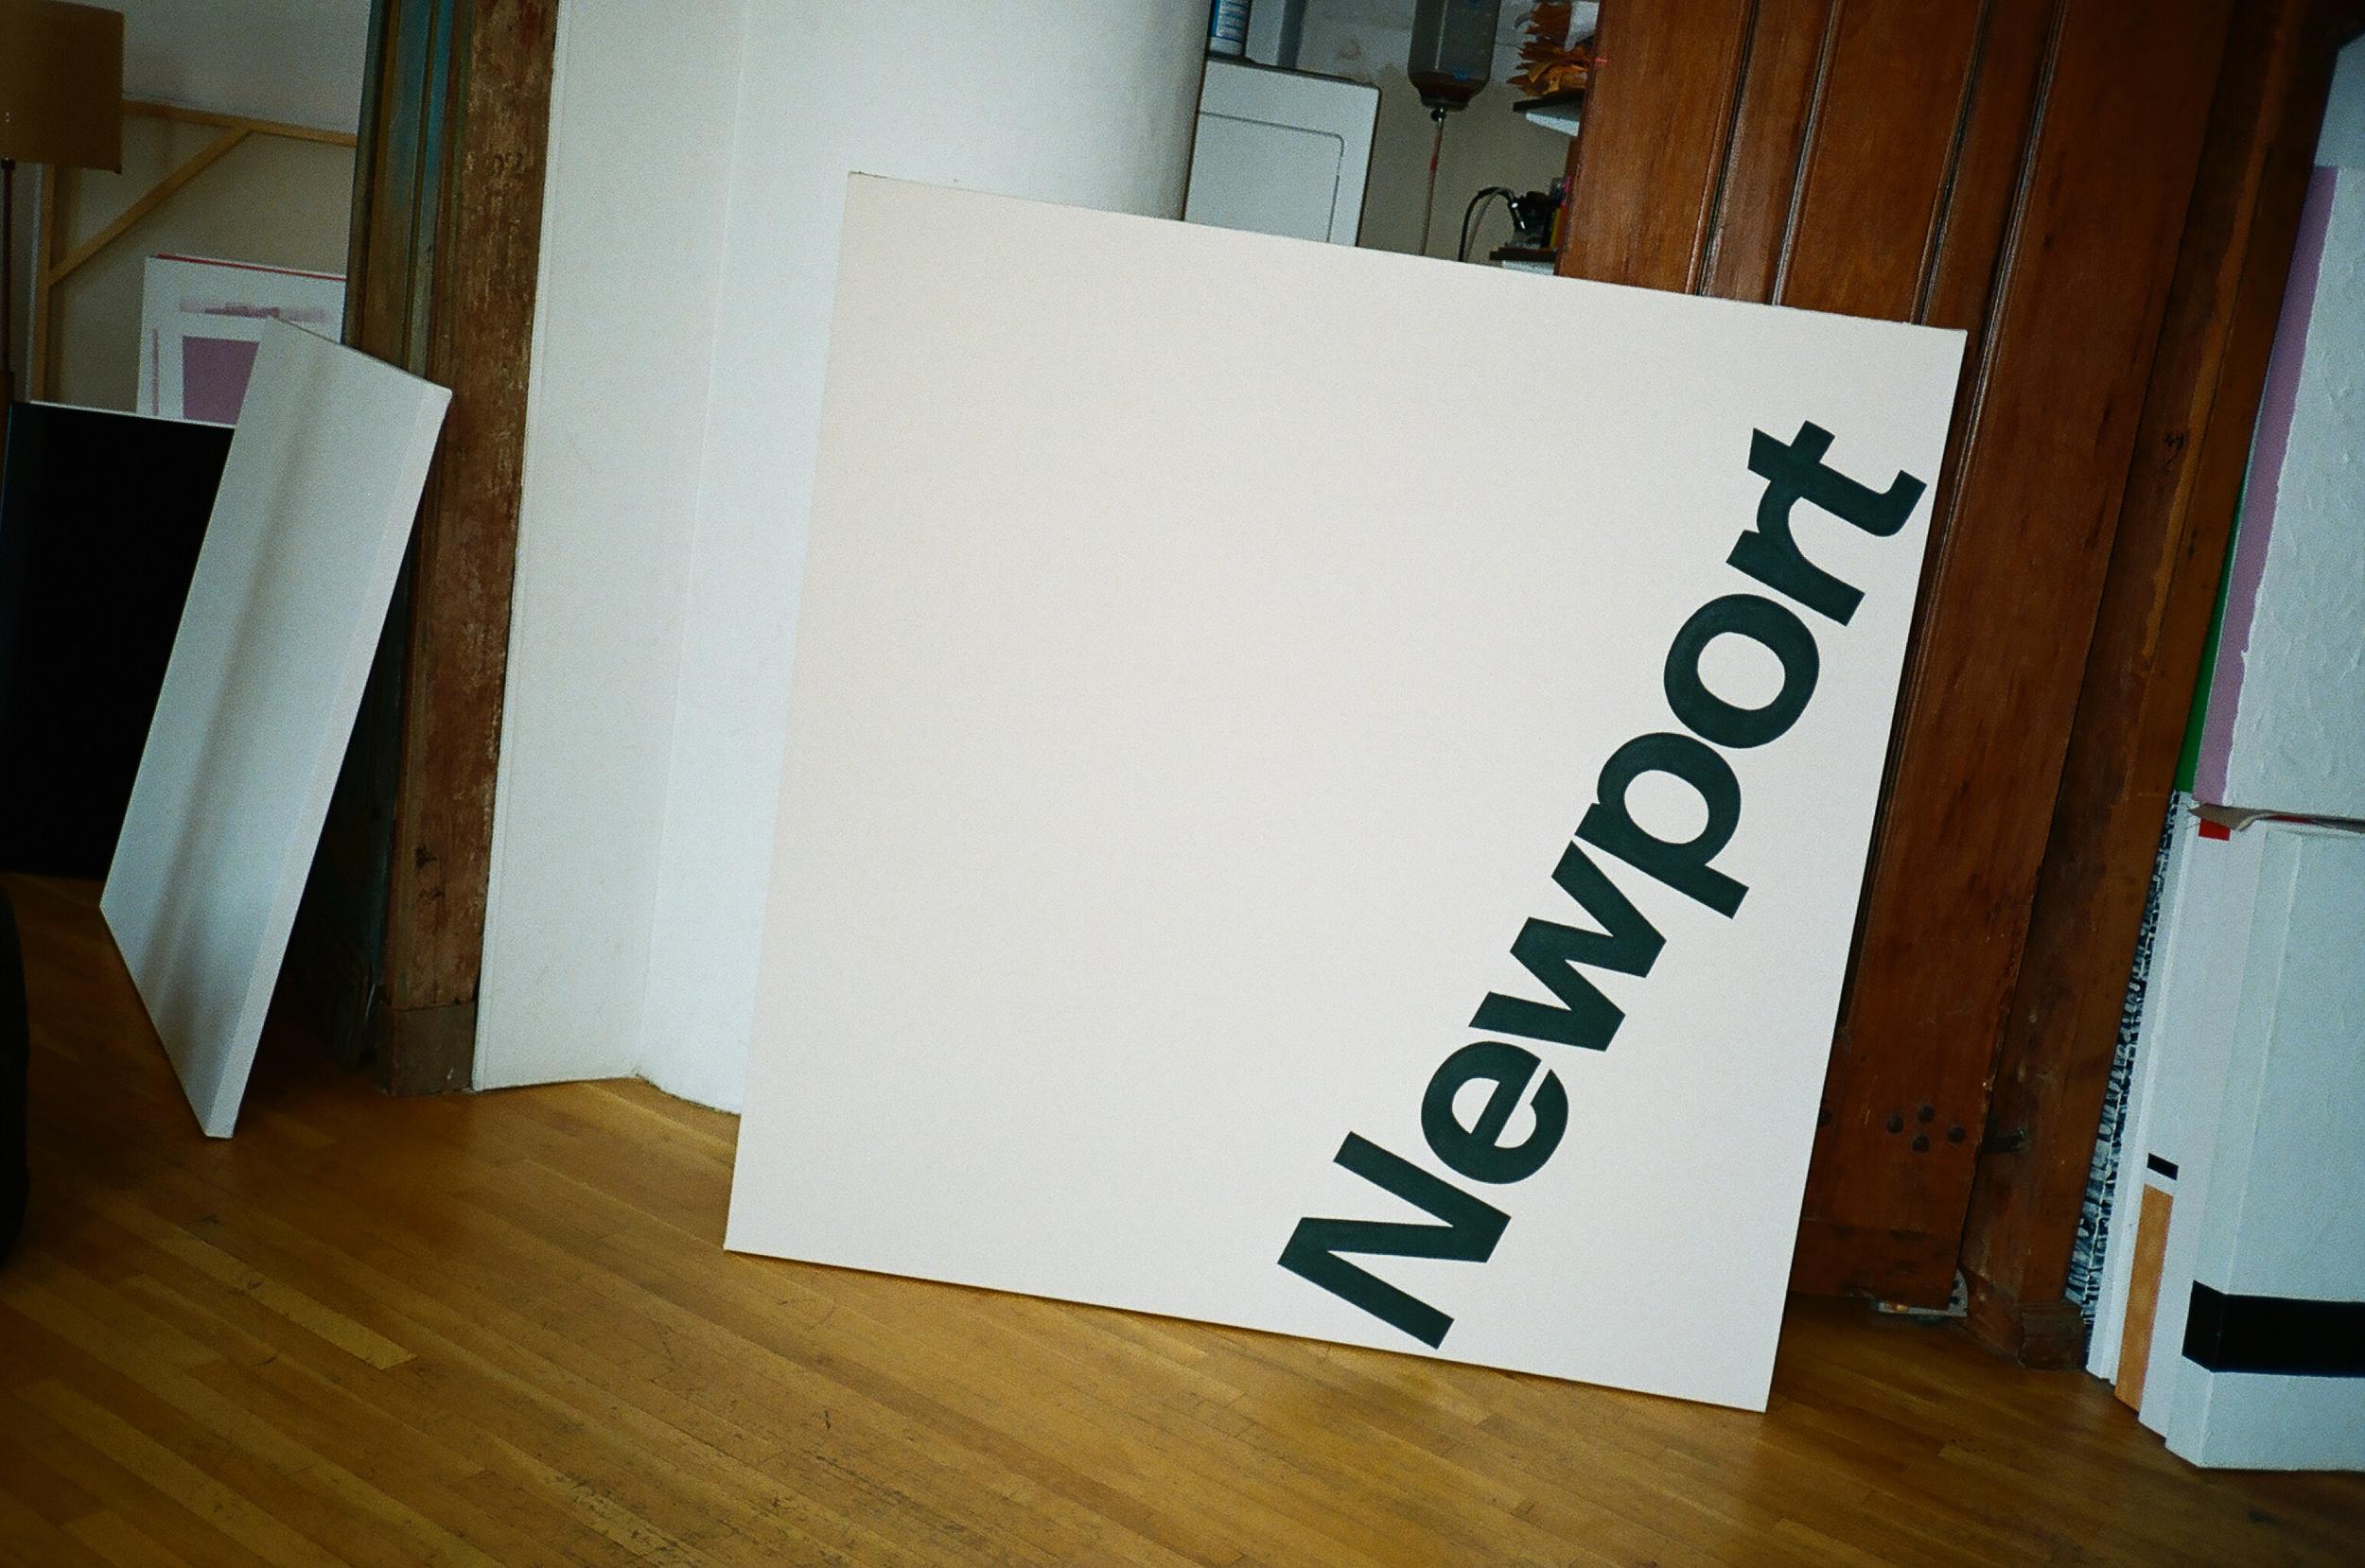 Newport, 2013